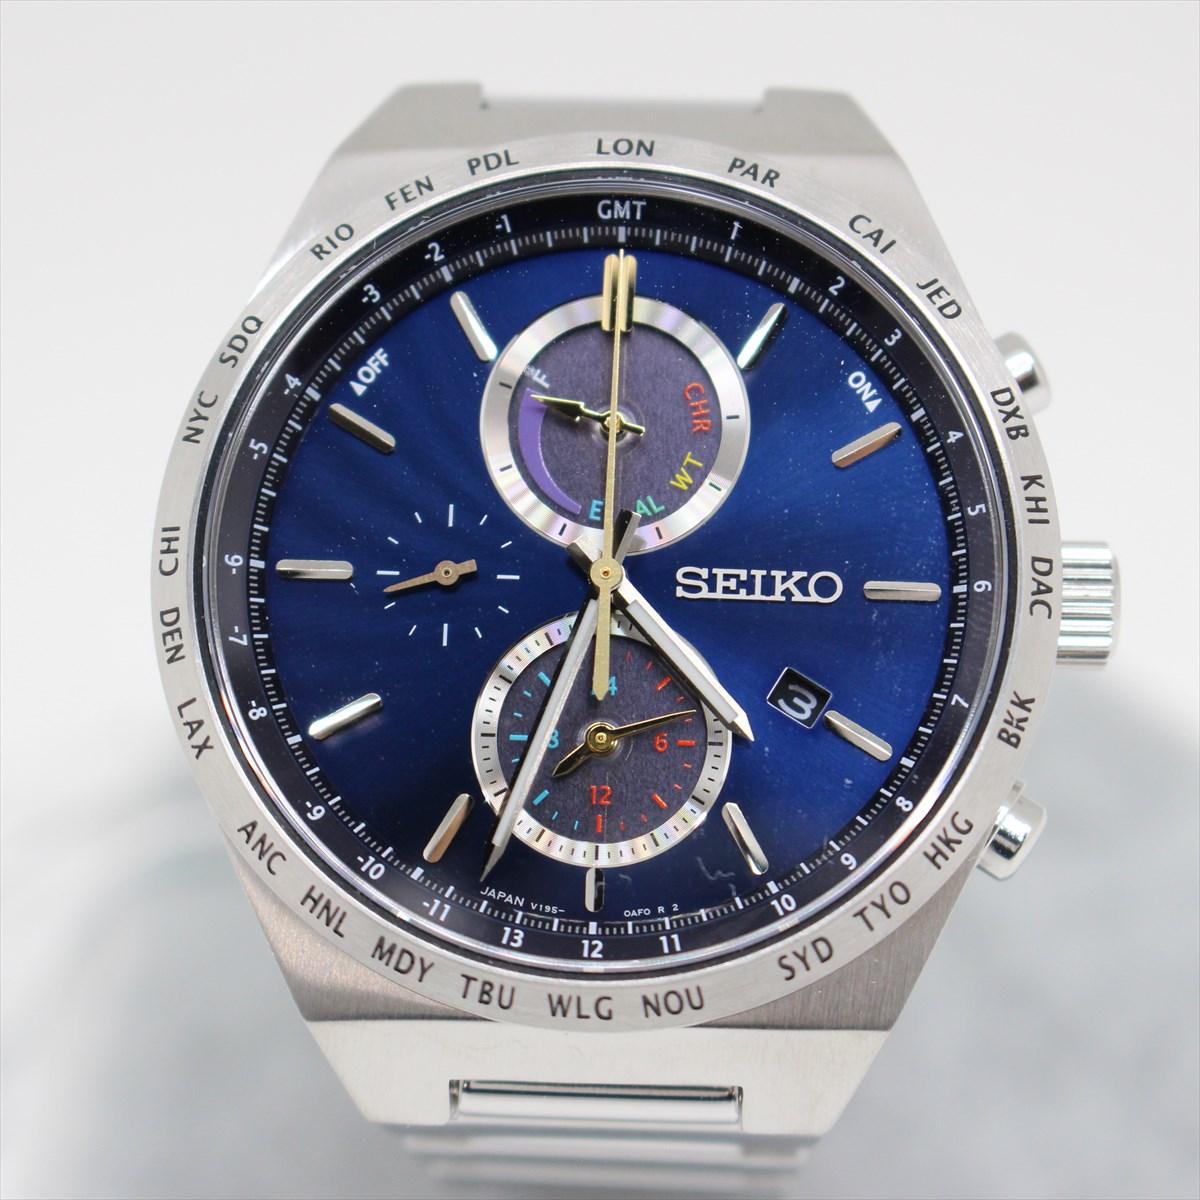 日本に SEIKO セイコー SBPJ041 セイコーセレクション 2020 サマー限定モデル 600本限定 ソーラー 腕時計 メンズ 【品】 N20-2709 中洲店, コウヤマチョウ fa331482